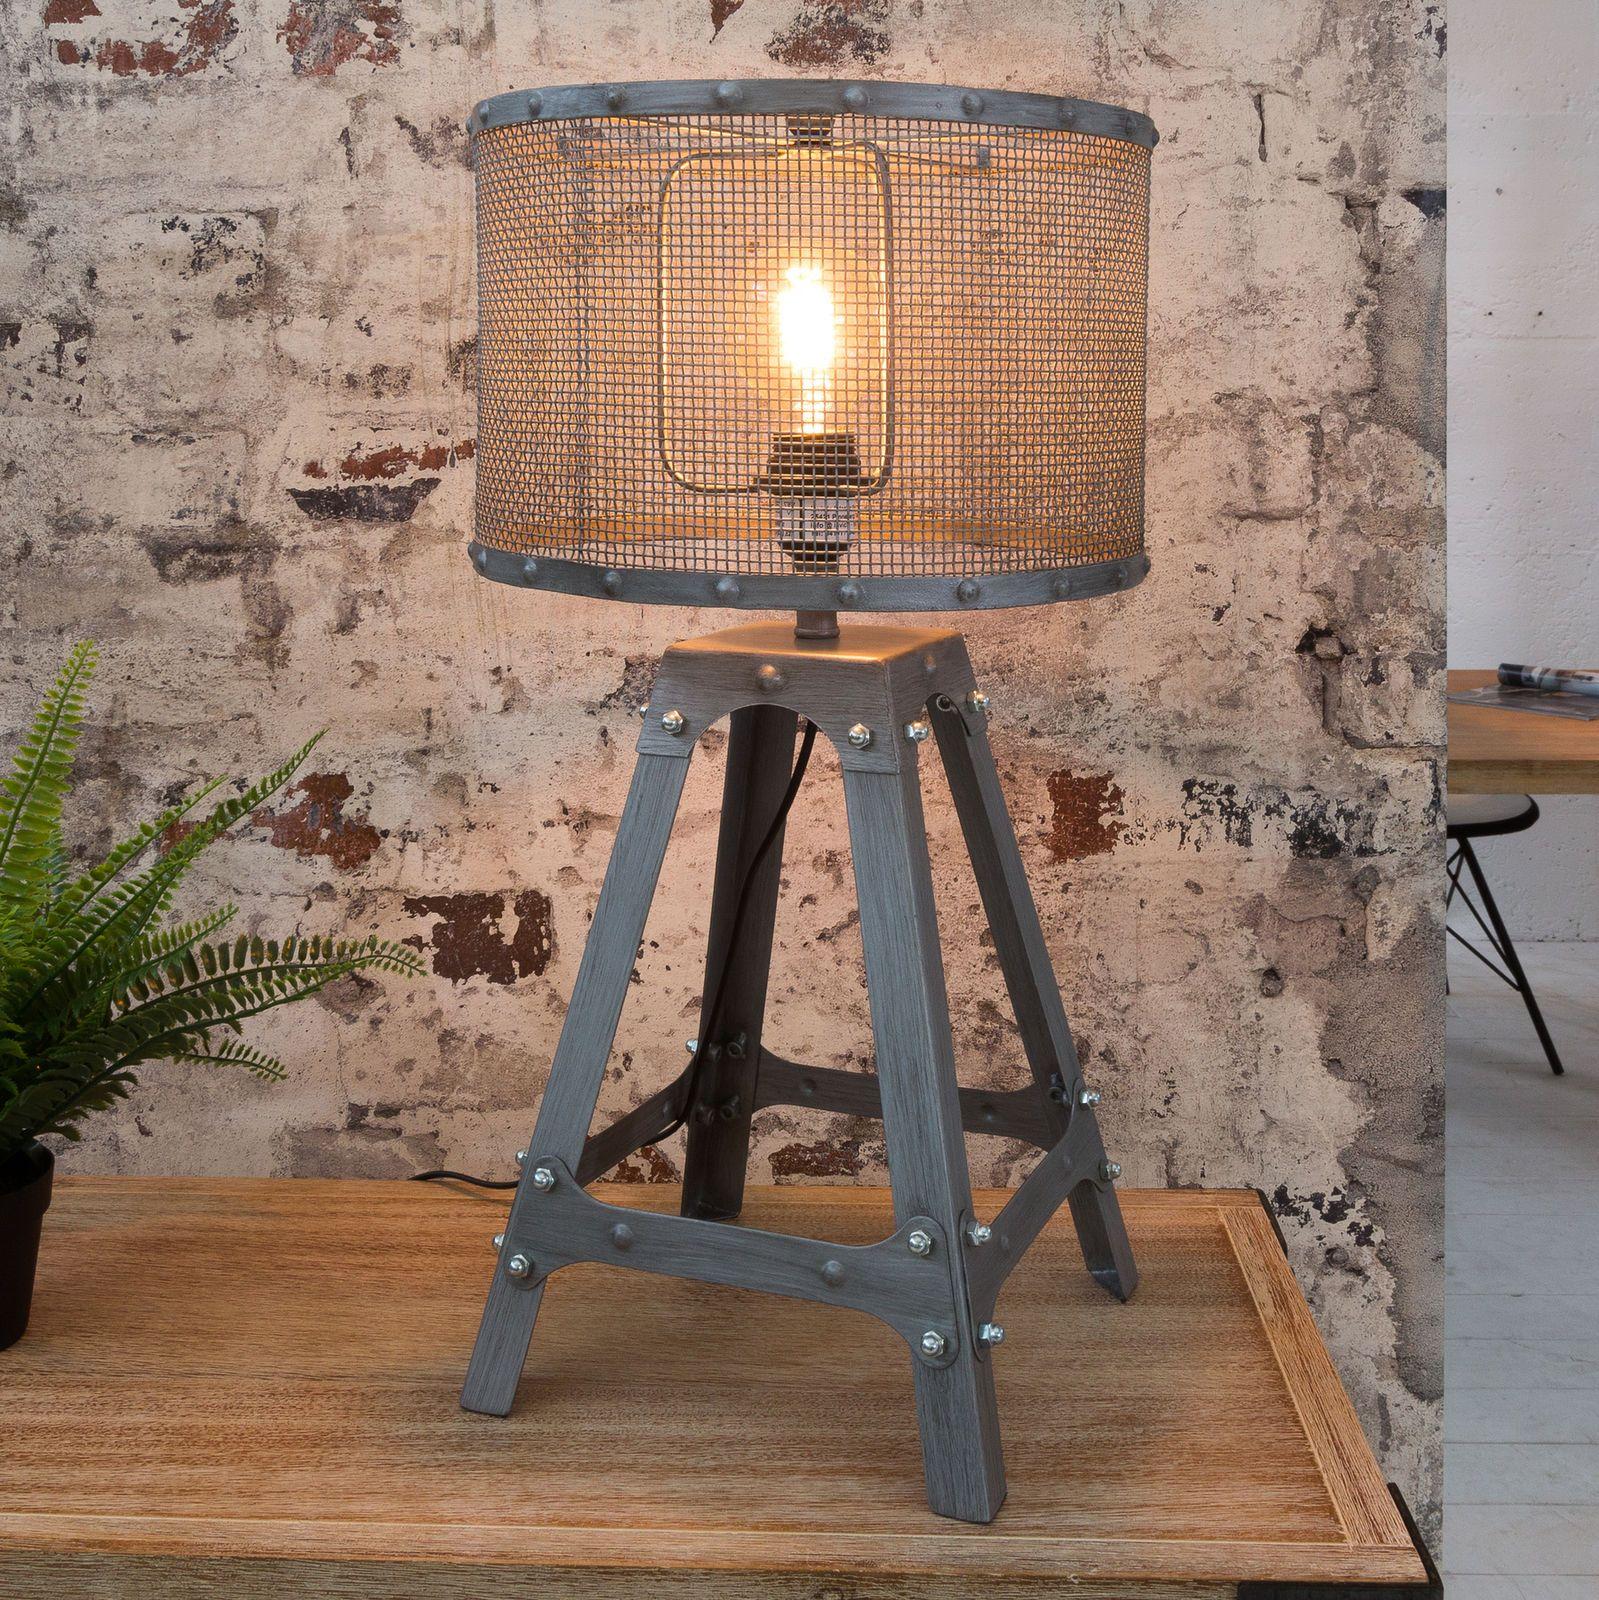 Https Www Ebay De Itm Moderne Tischleuchte Loft 60cm Iron Grau Industrial Design Tischlampe Lampe 29 Industrie Leuchten Industrie Mobel Industriedesign Mobel